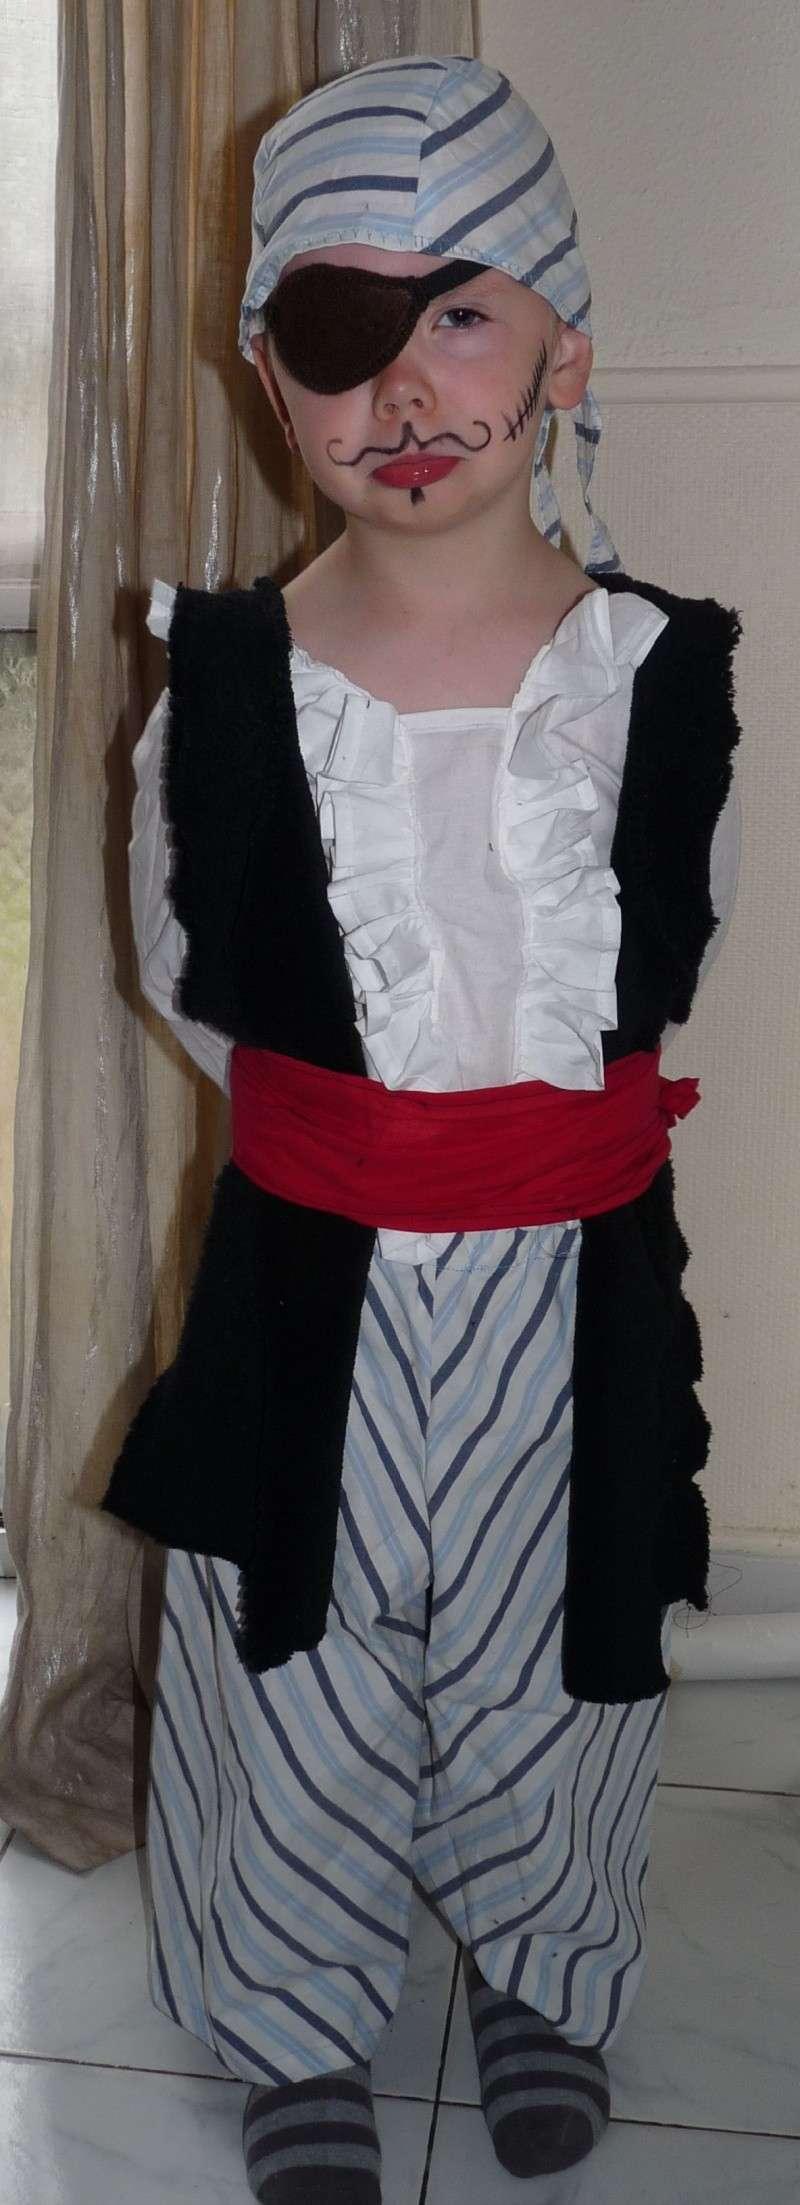 Déguisement de carnaval dans Couture pirate11